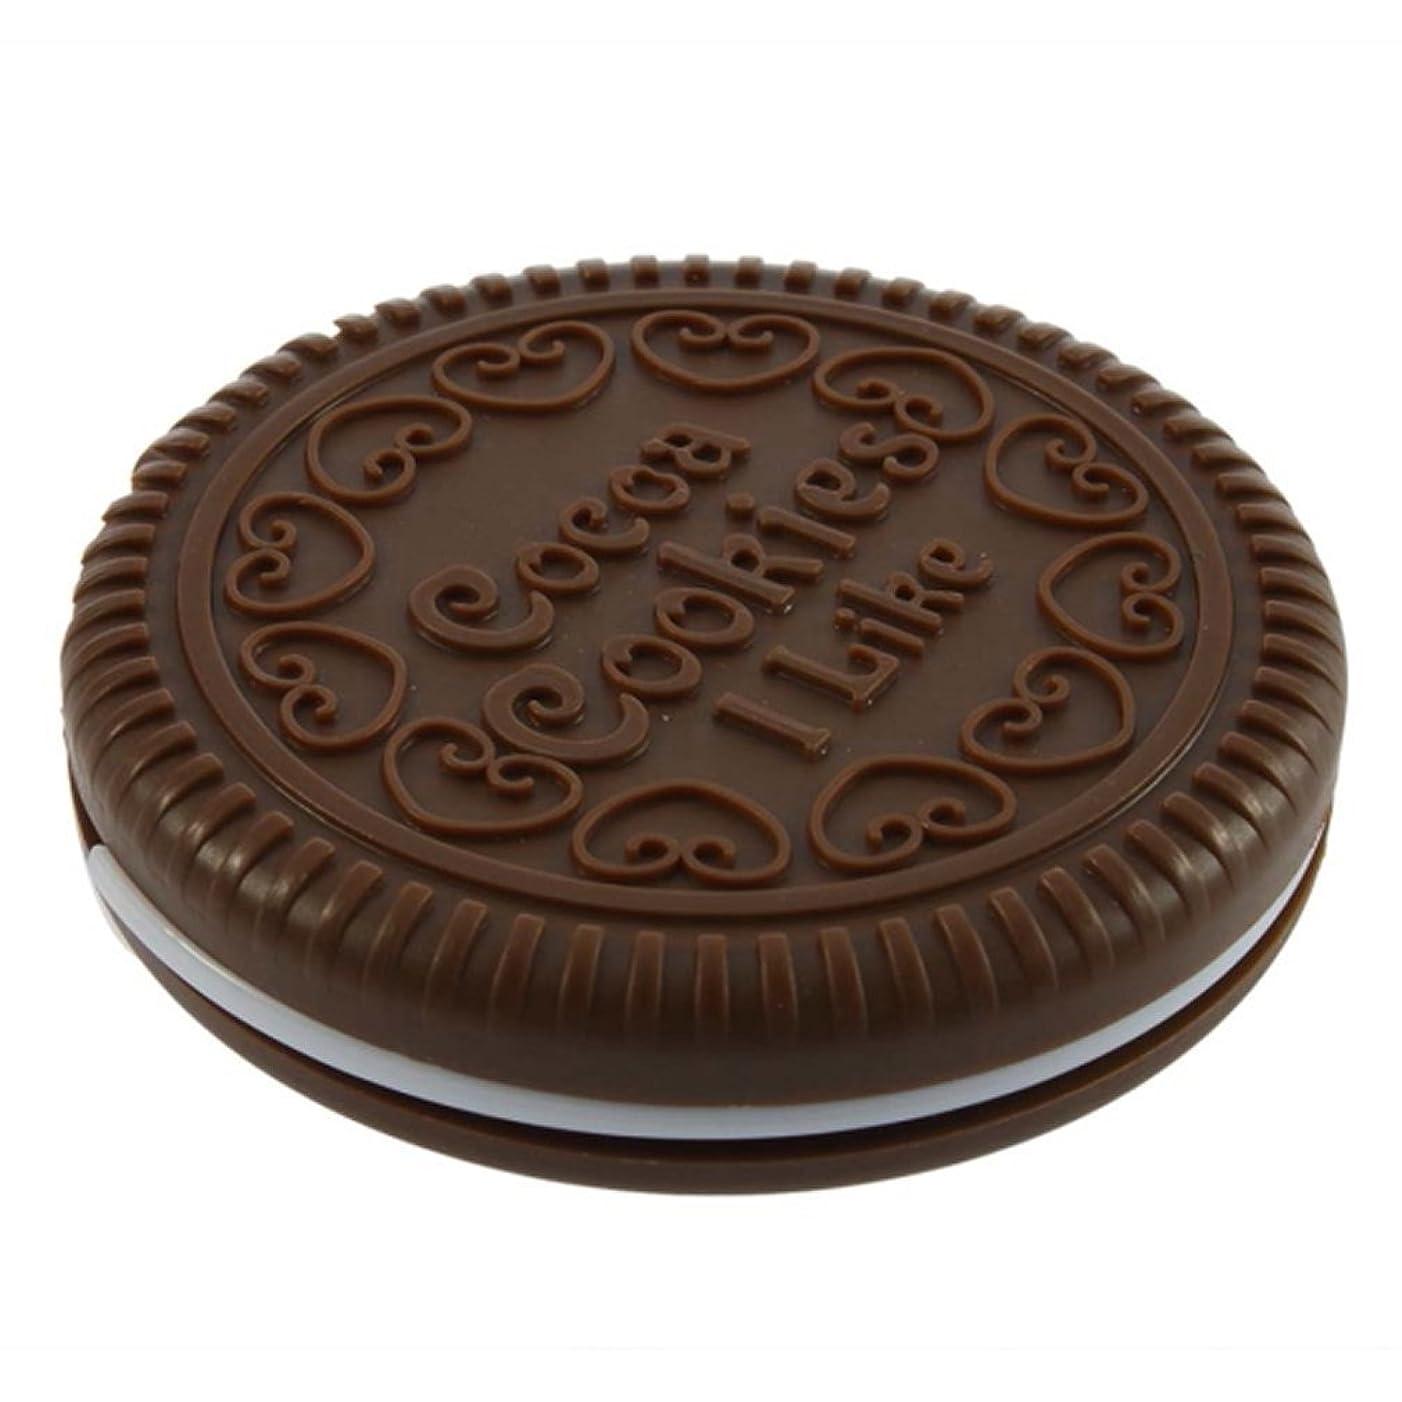 きしむロンドン不要SODIAL ポータブルな可愛いなチョコレートクッキーの形のミラー+くし レディー ガール